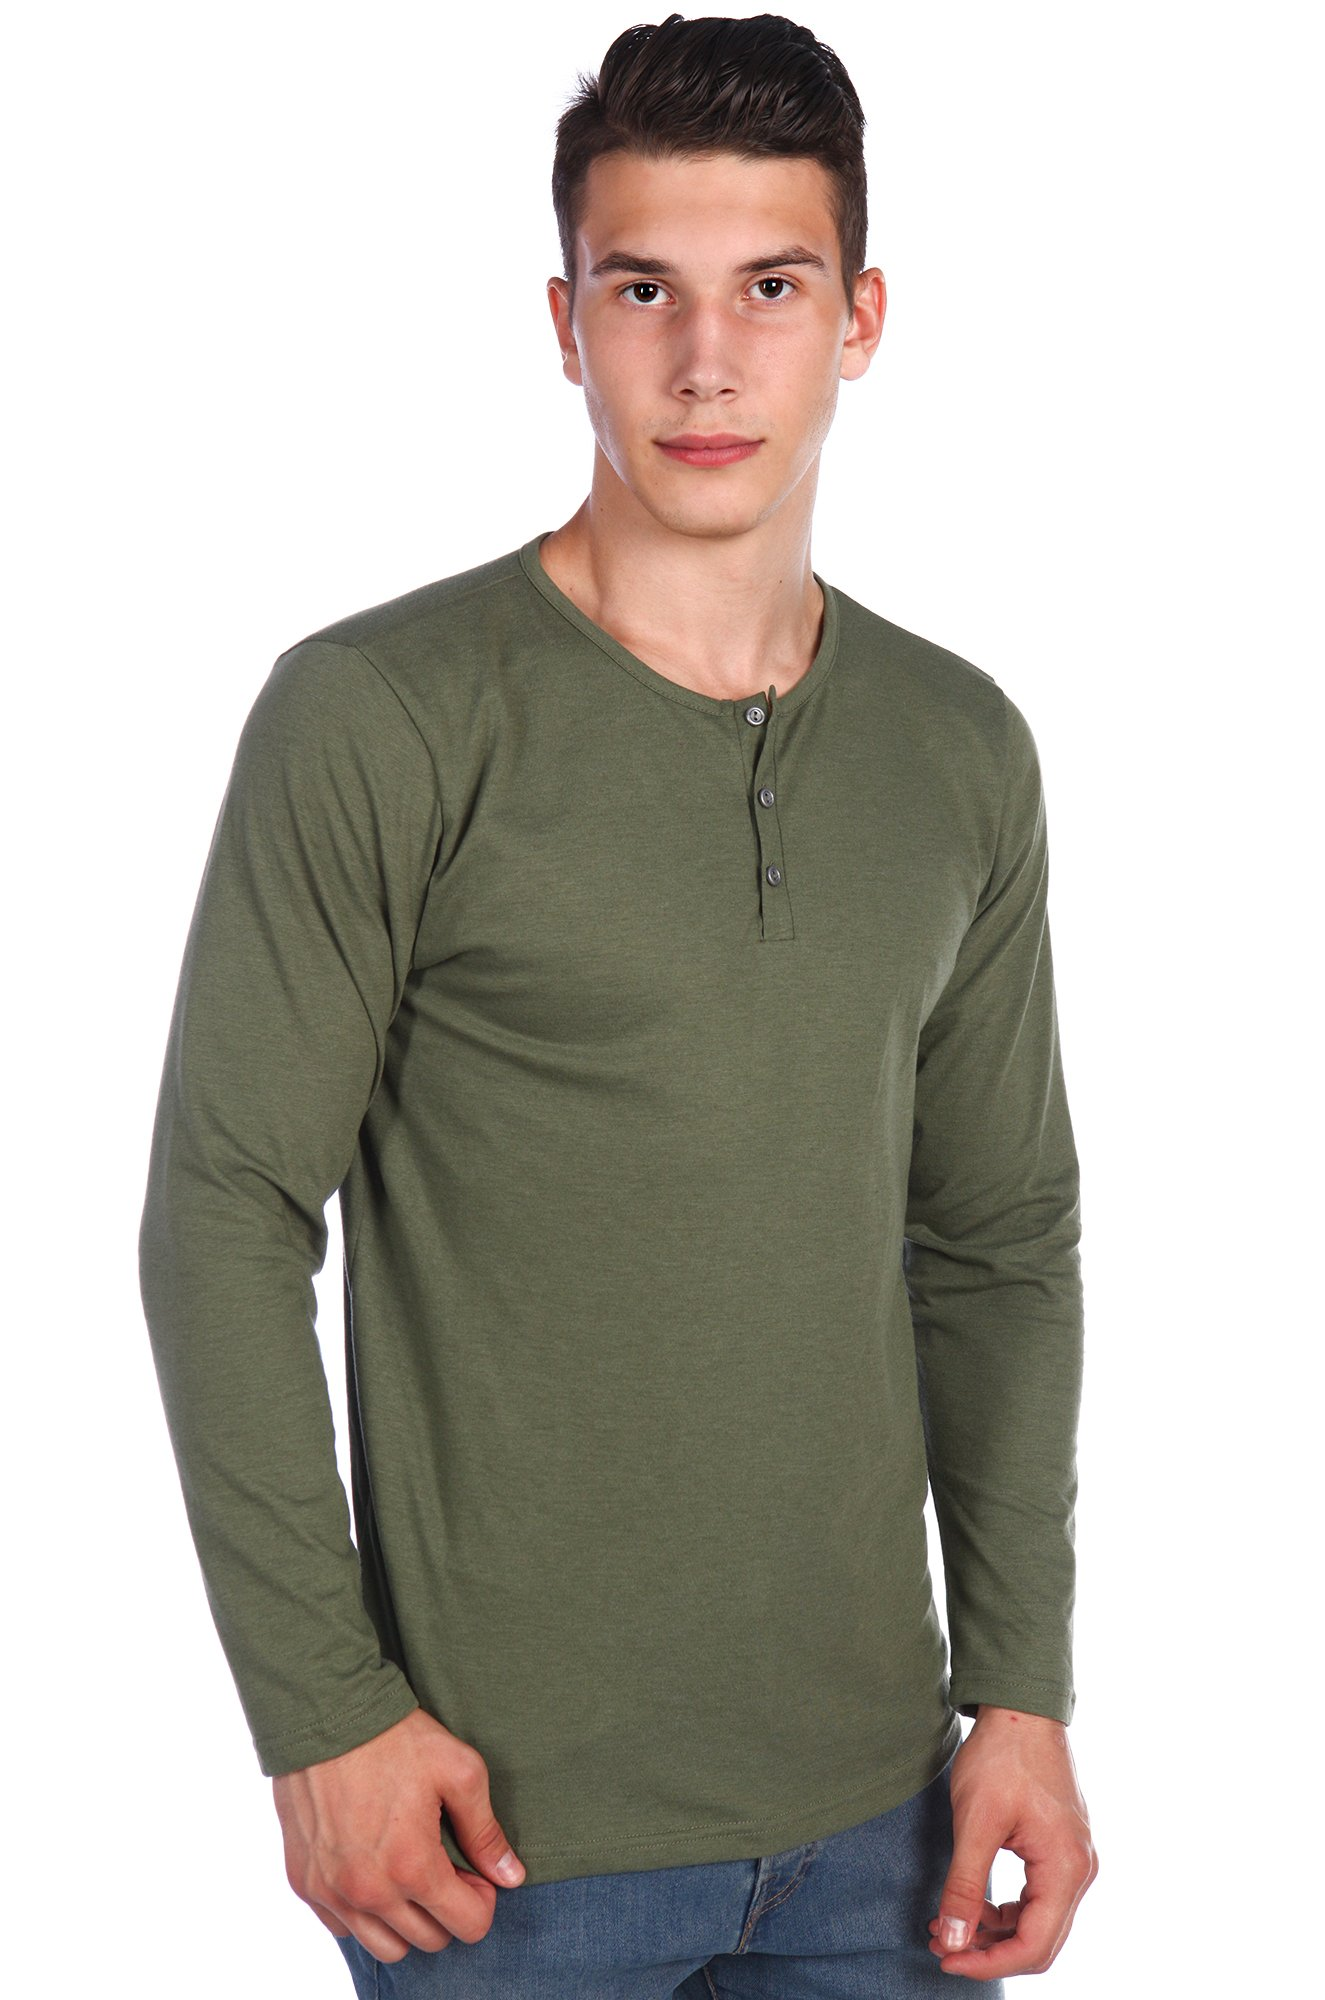 b240fa050d601fa Футболка мужская с длинным рукавом Грация 6544740 зеленый купить ...